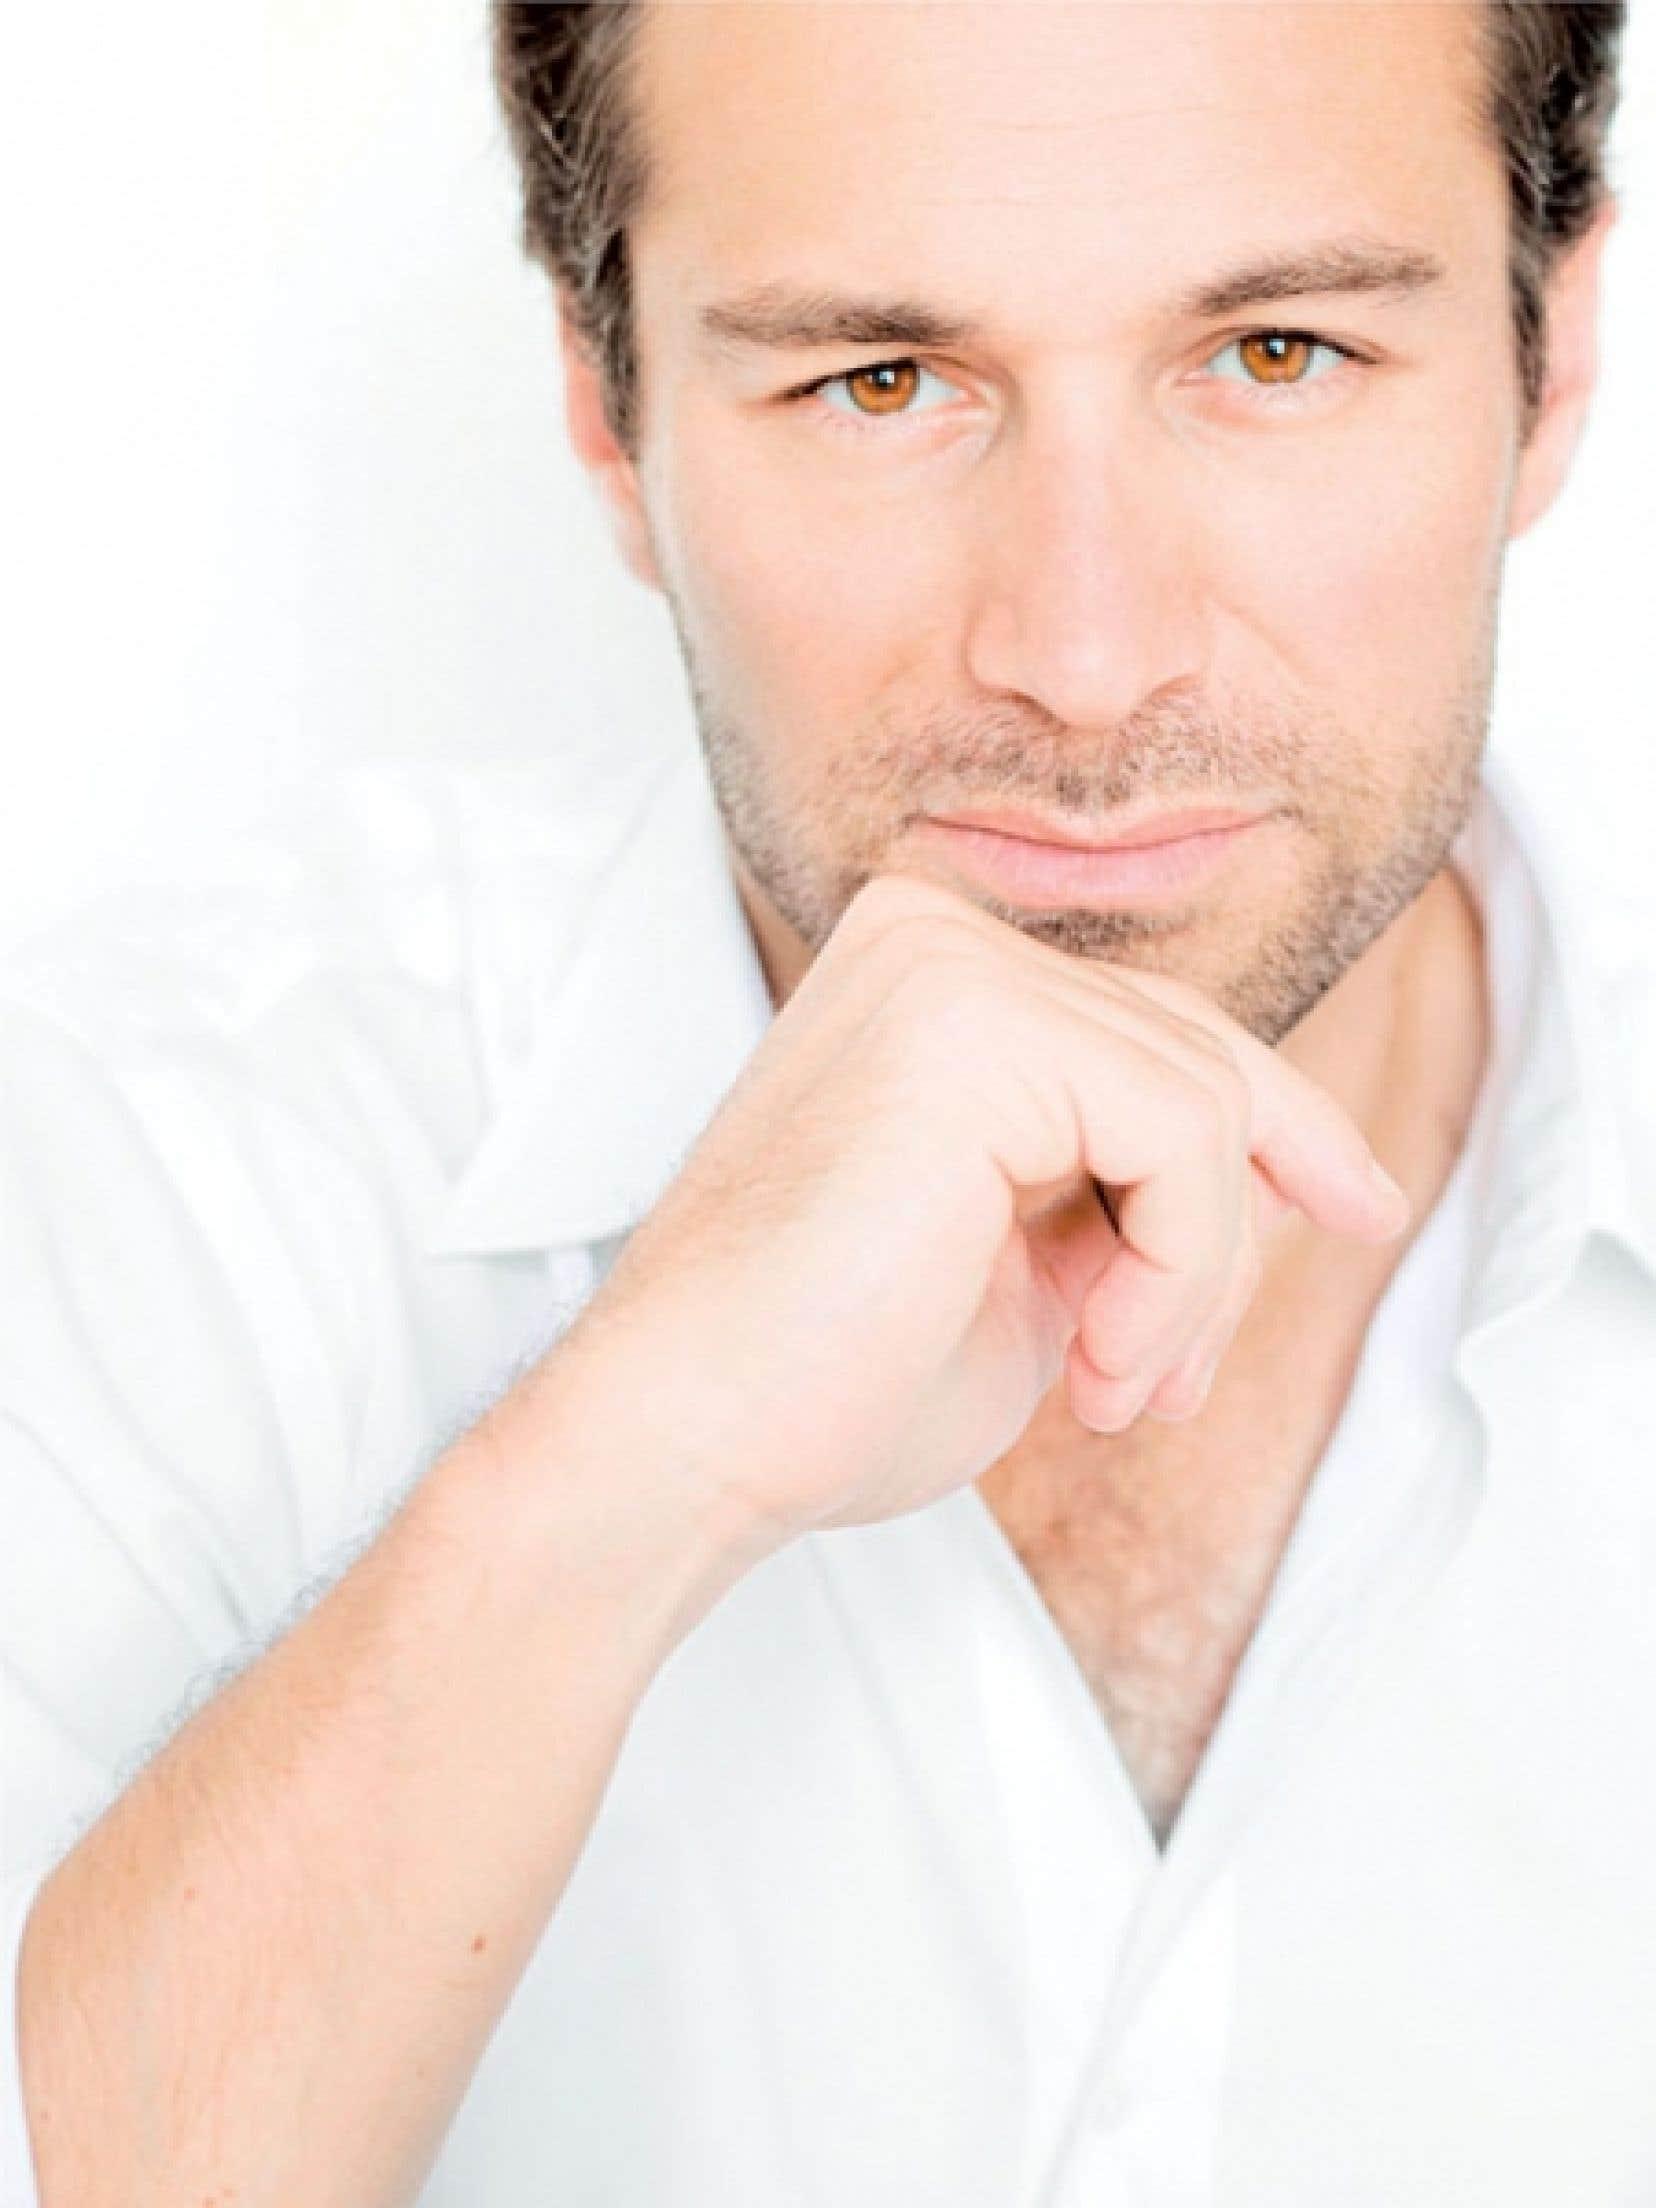 Le nouveau directeur musical de l'Orchestre symphonique de Québec, Fabien Gabel